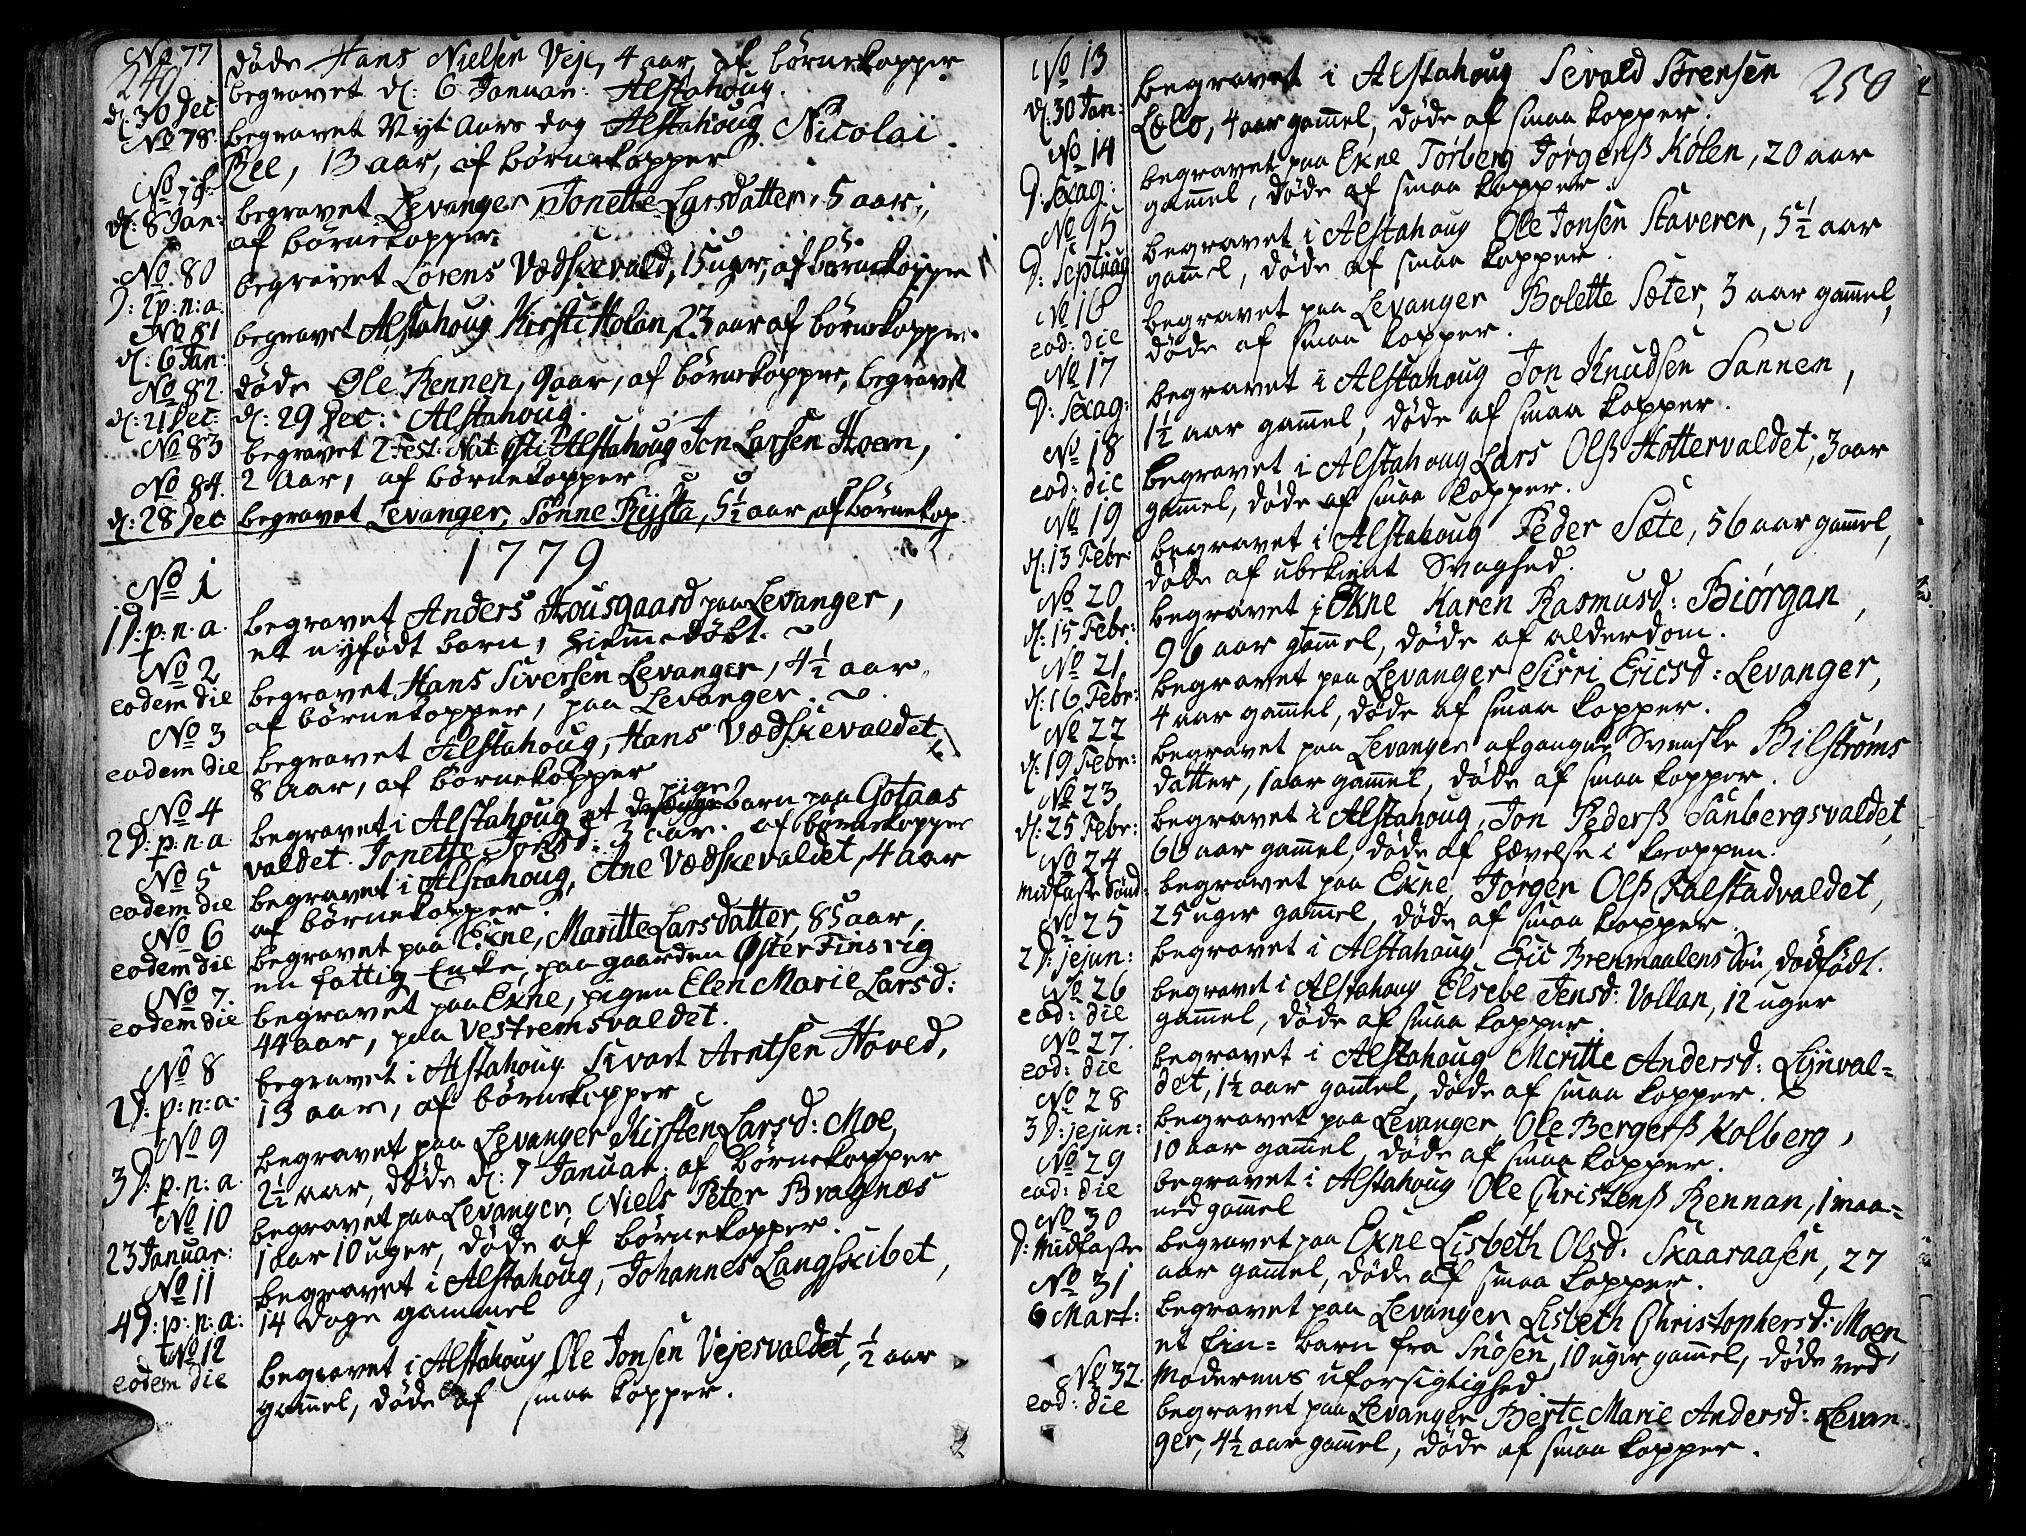 SAT, Ministerialprotokoller, klokkerbøker og fødselsregistre - Nord-Trøndelag, 717/L0141: Ministerialbok nr. 717A01, 1747-1803, s. 249-250